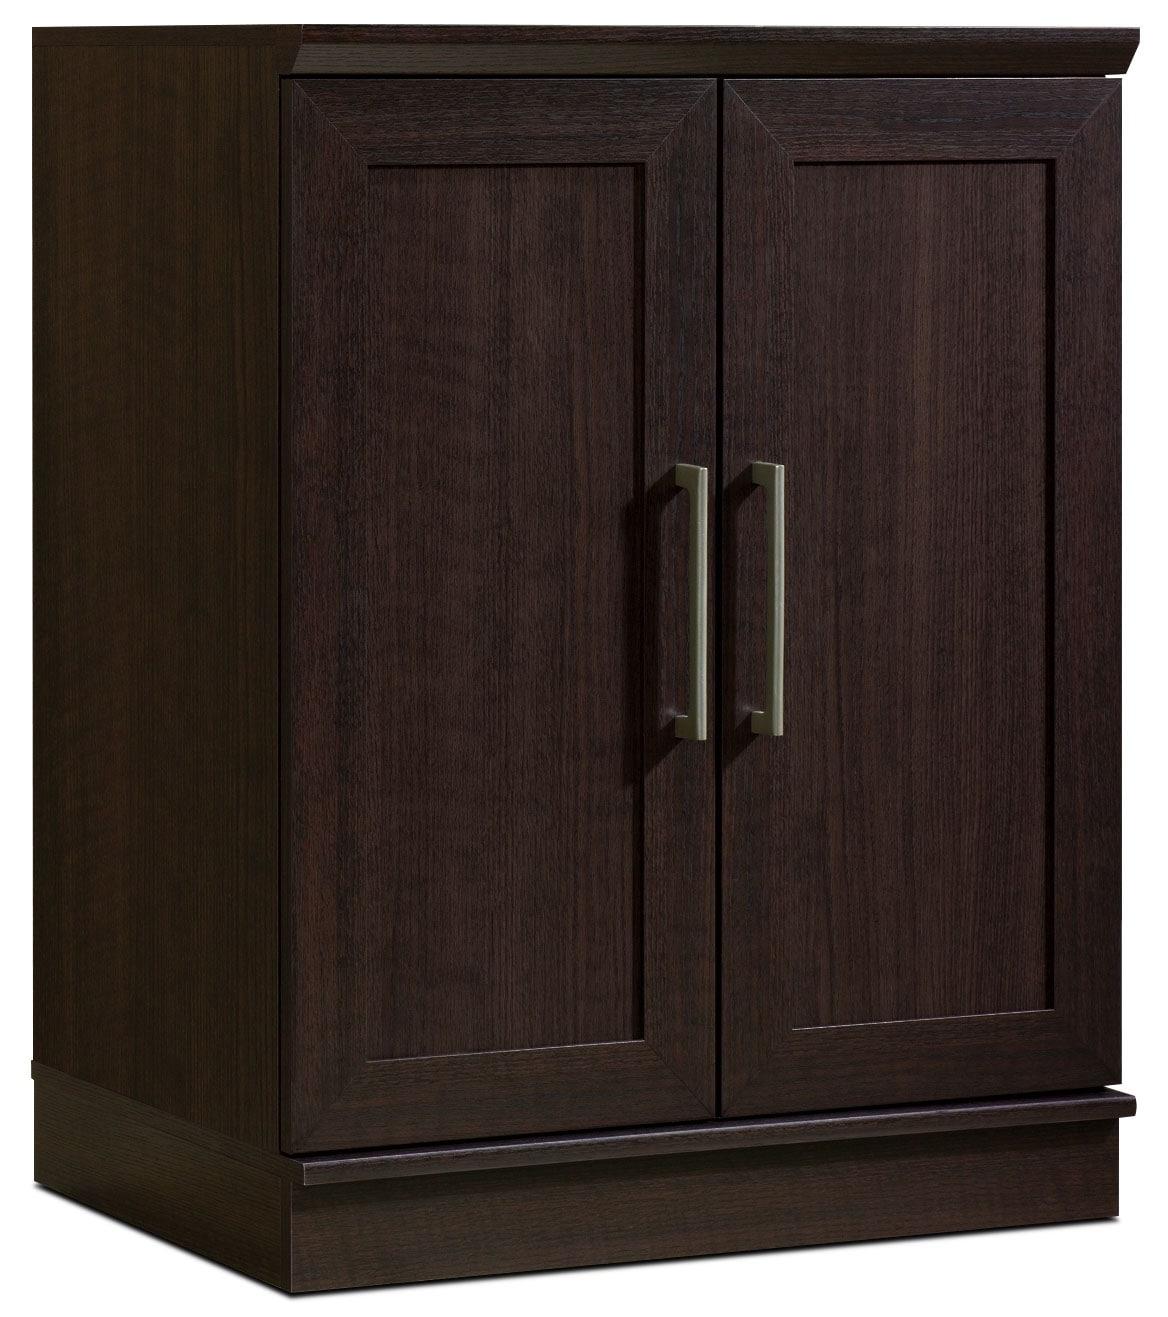 Décoratif et Occasionnel - Petite armoire Clinton de 30 po - chêne Dakota